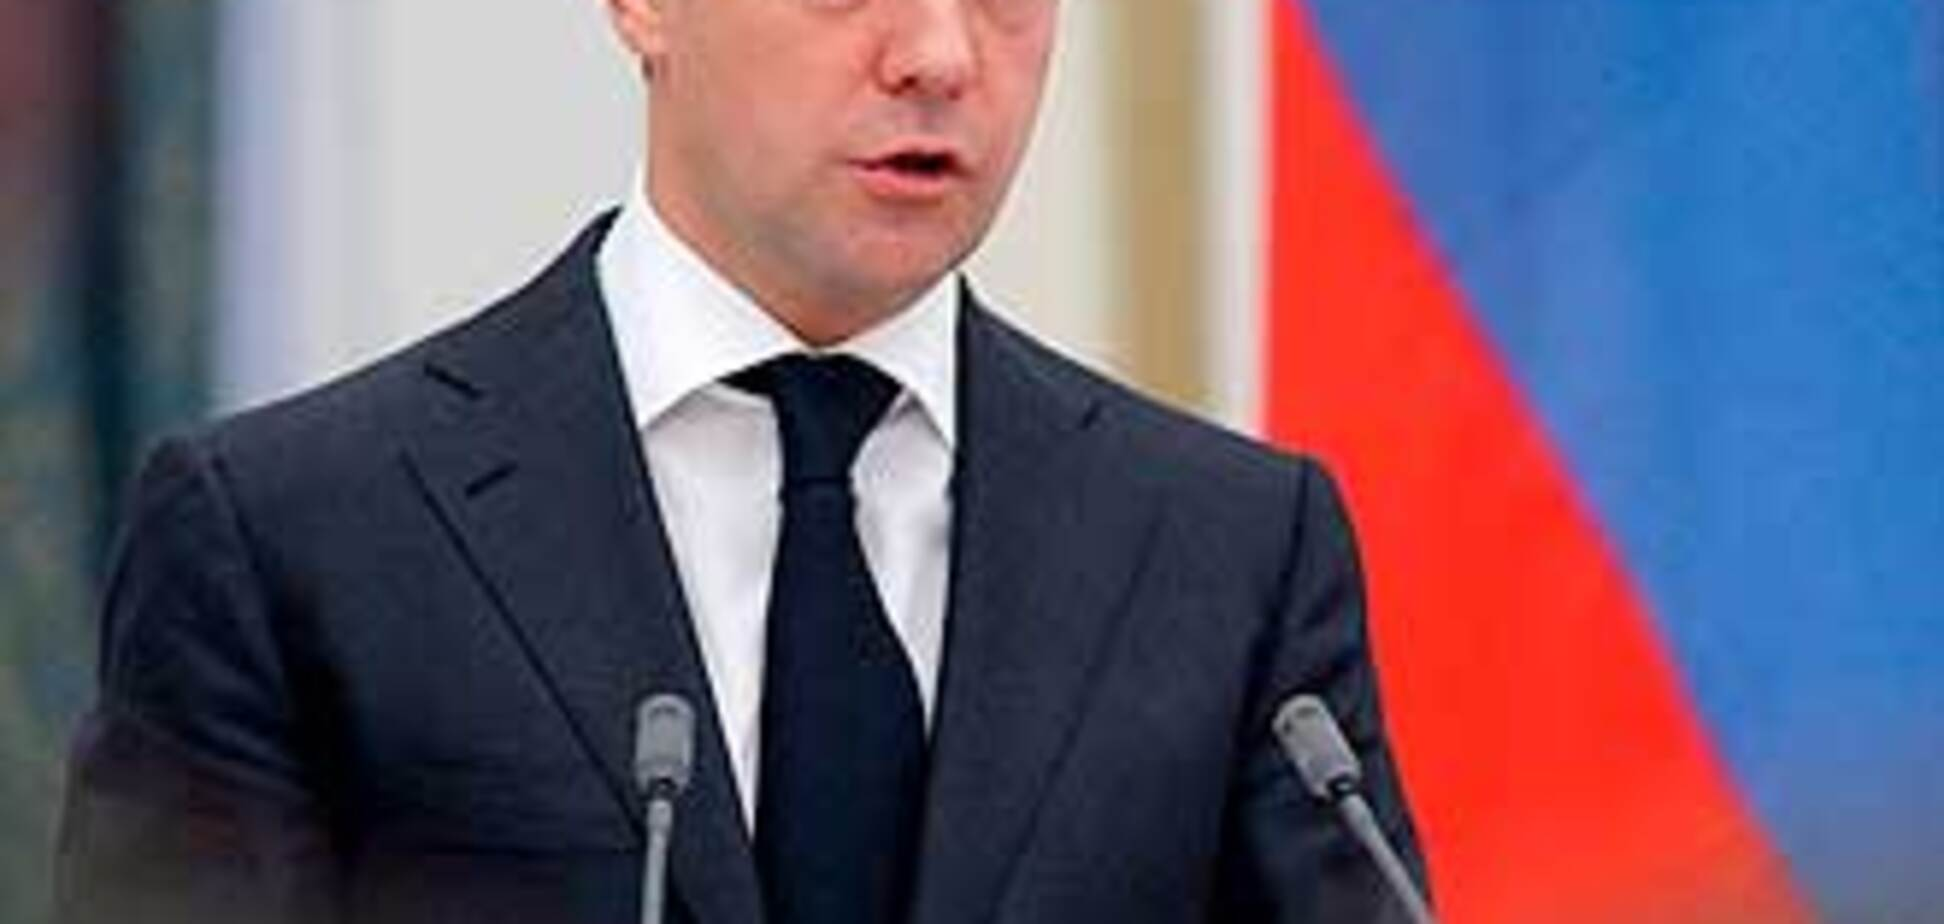 Медведев о ЧФ: будет так, как я скажу